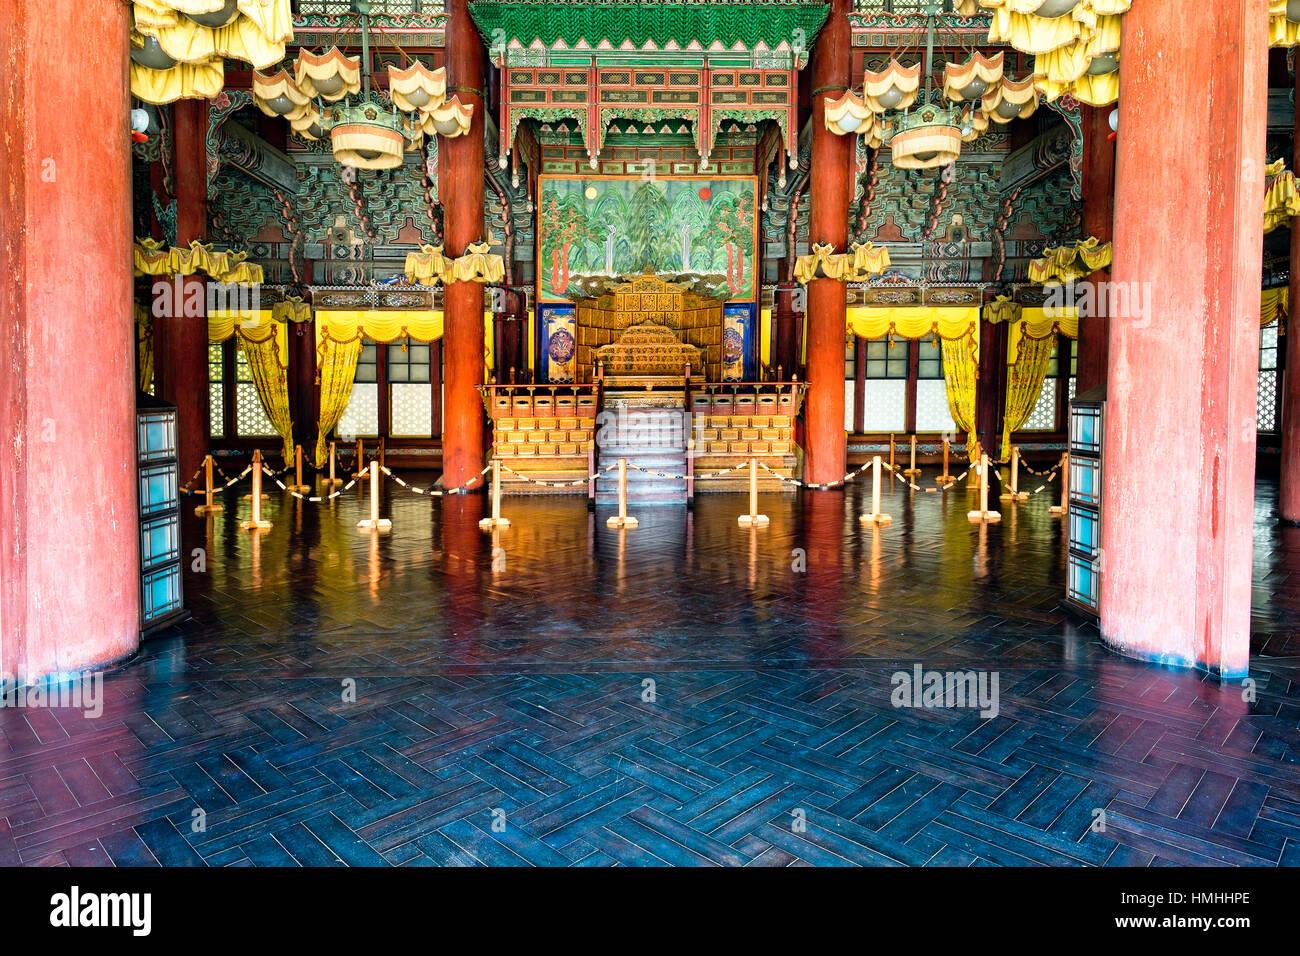 Thron Hall Gebäudeinneren im Gyeongbokgung-Palast, Seoul, Südkorea Stockbild